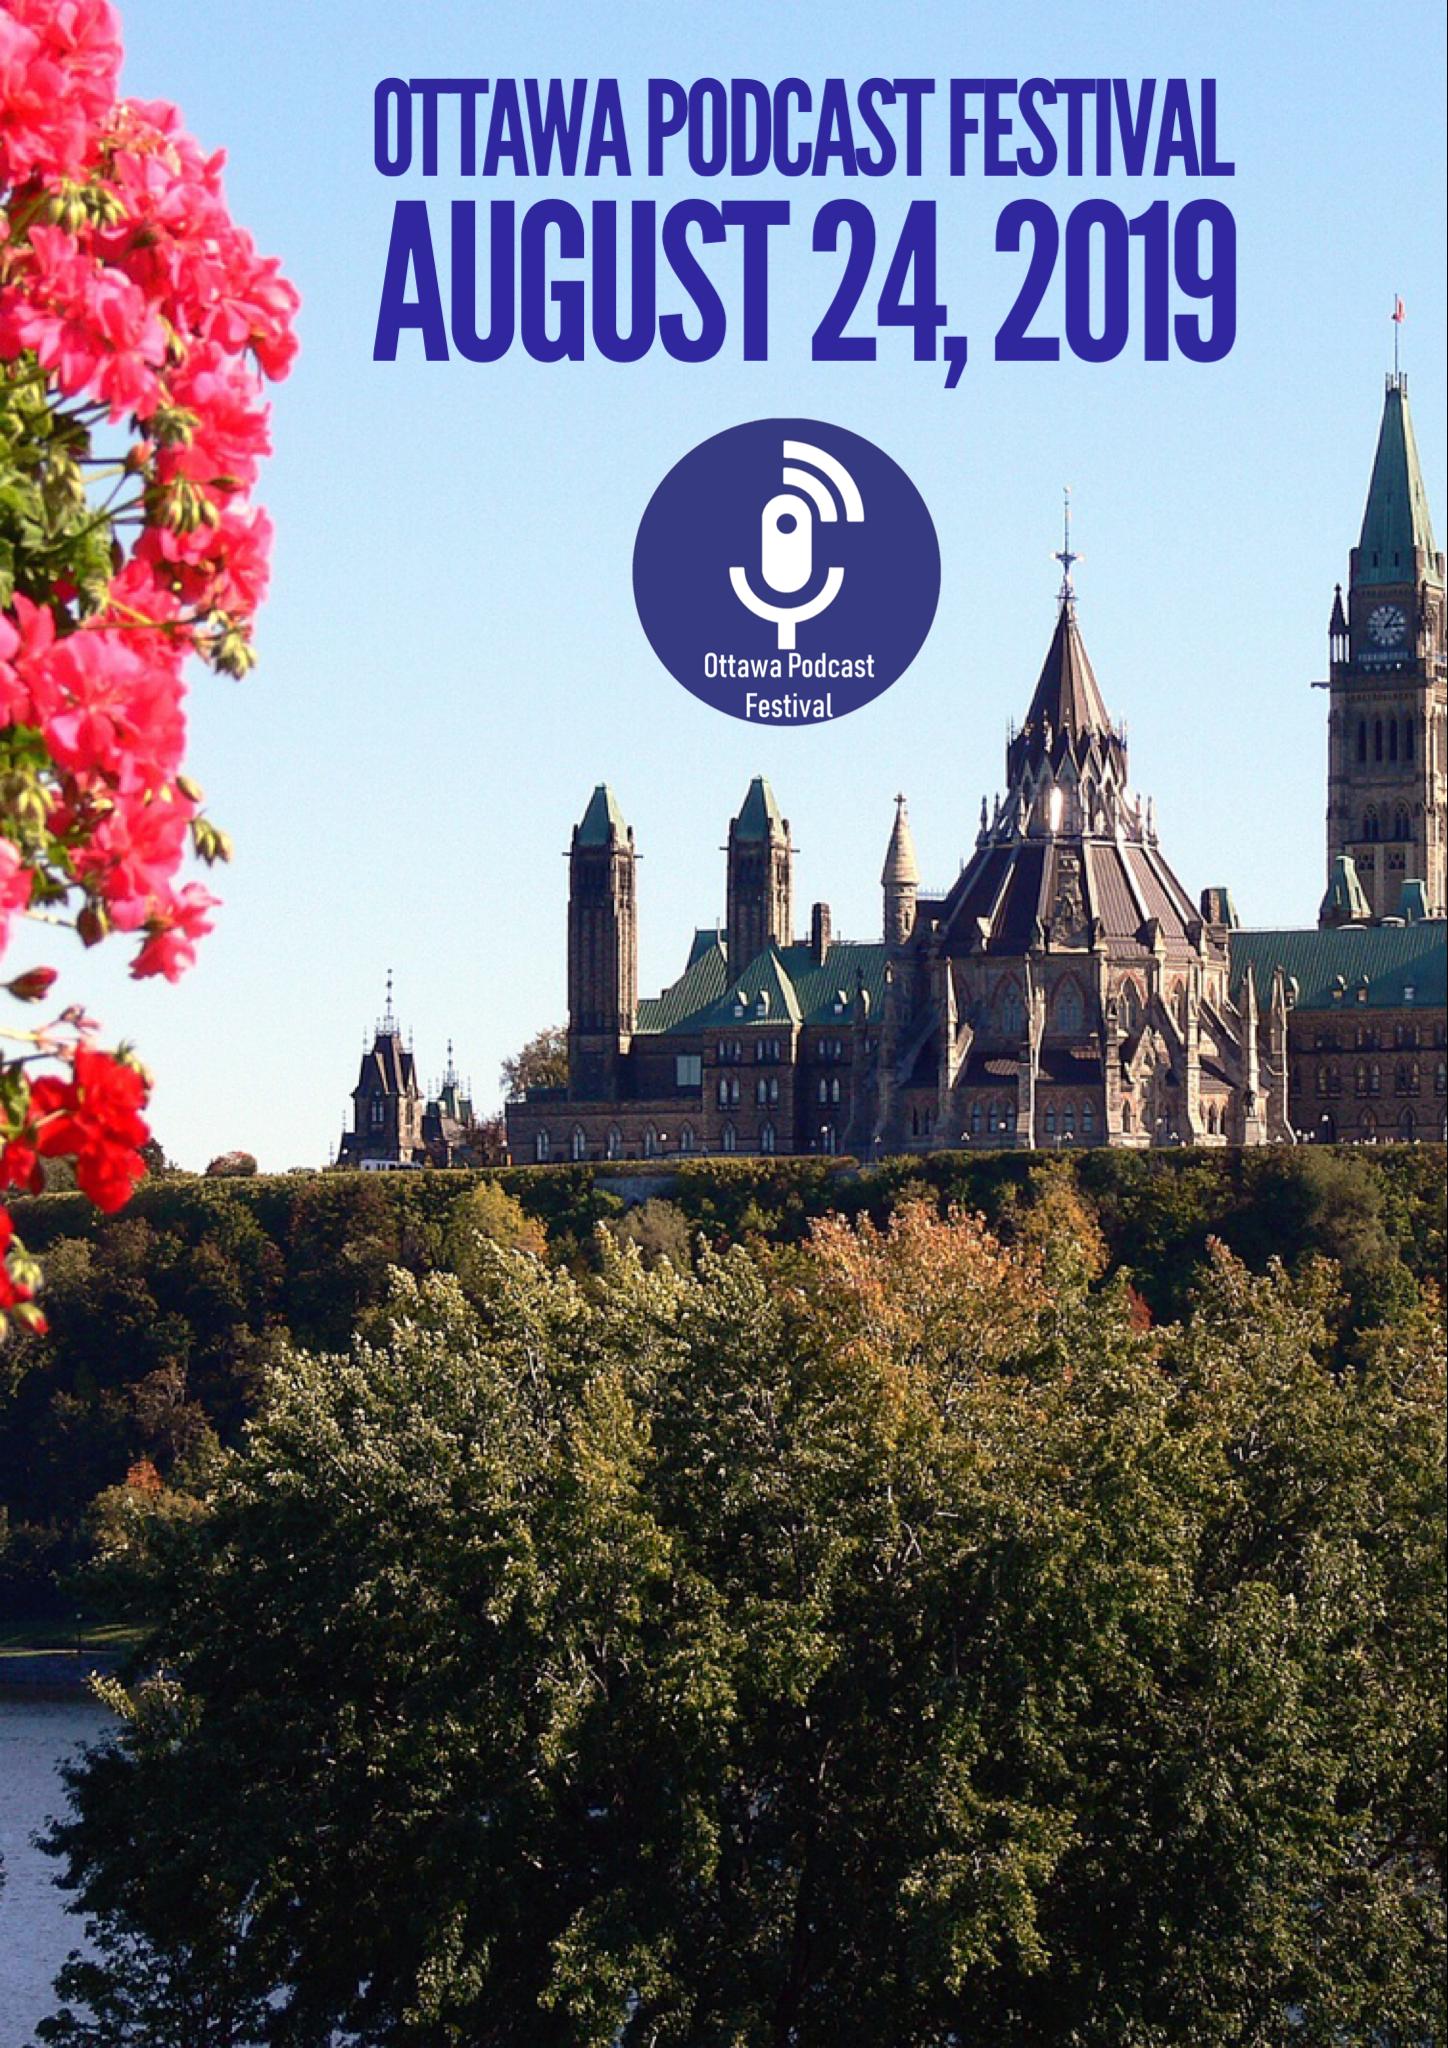 Ottawa Podcast Festival - Parliament Hill